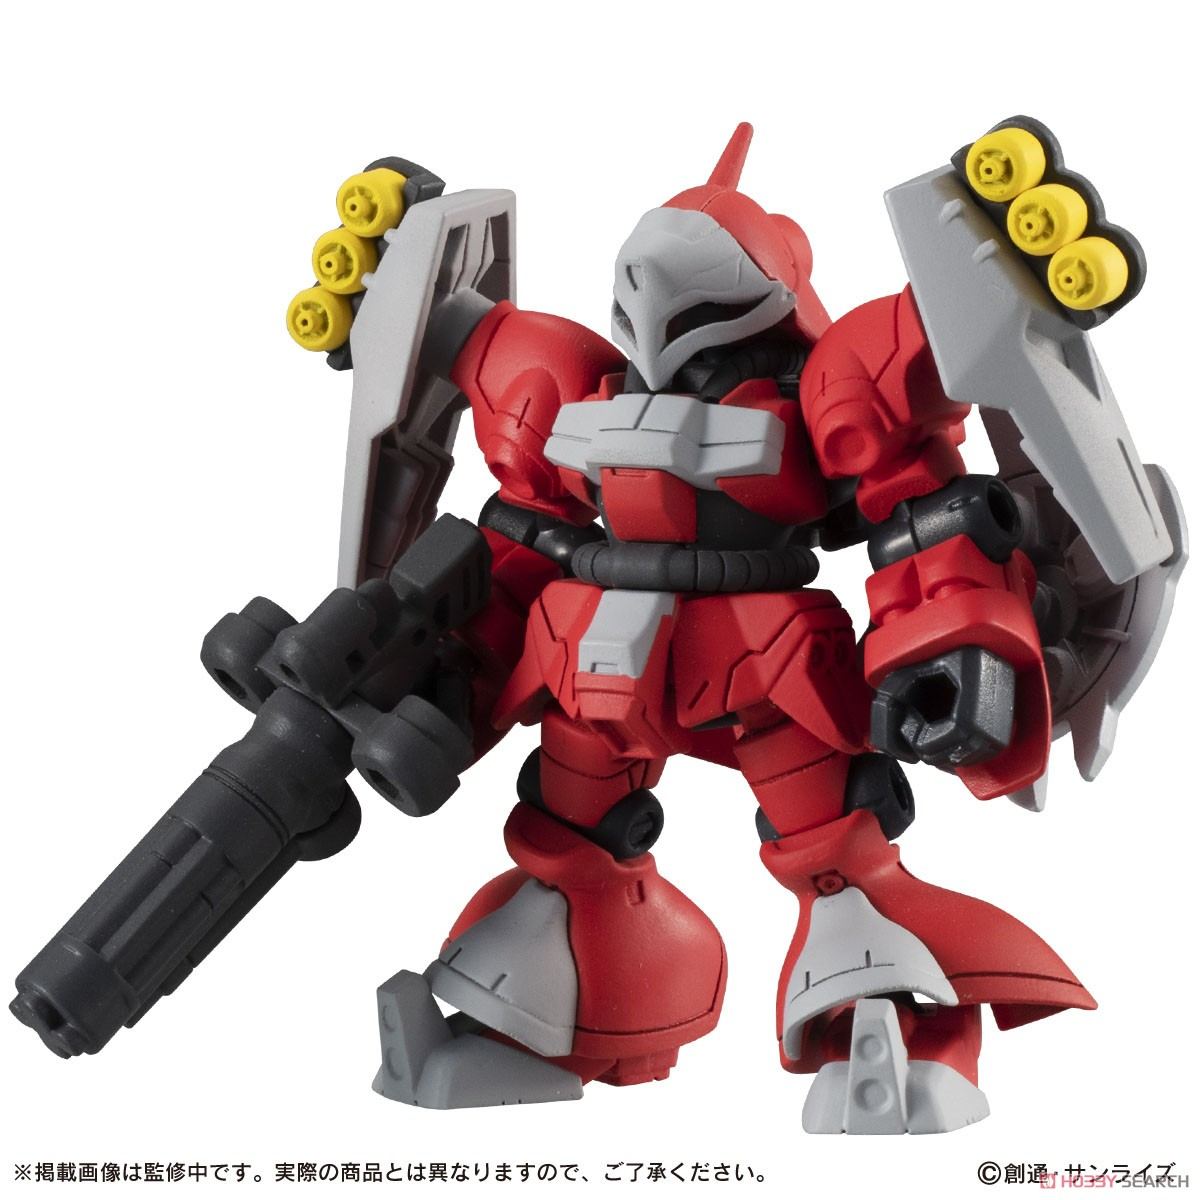 機動戦士ガンダム『MOBILE SUIT ENSEMBLE17』デフォルメ可動フィギュア 10個入りBOX-005